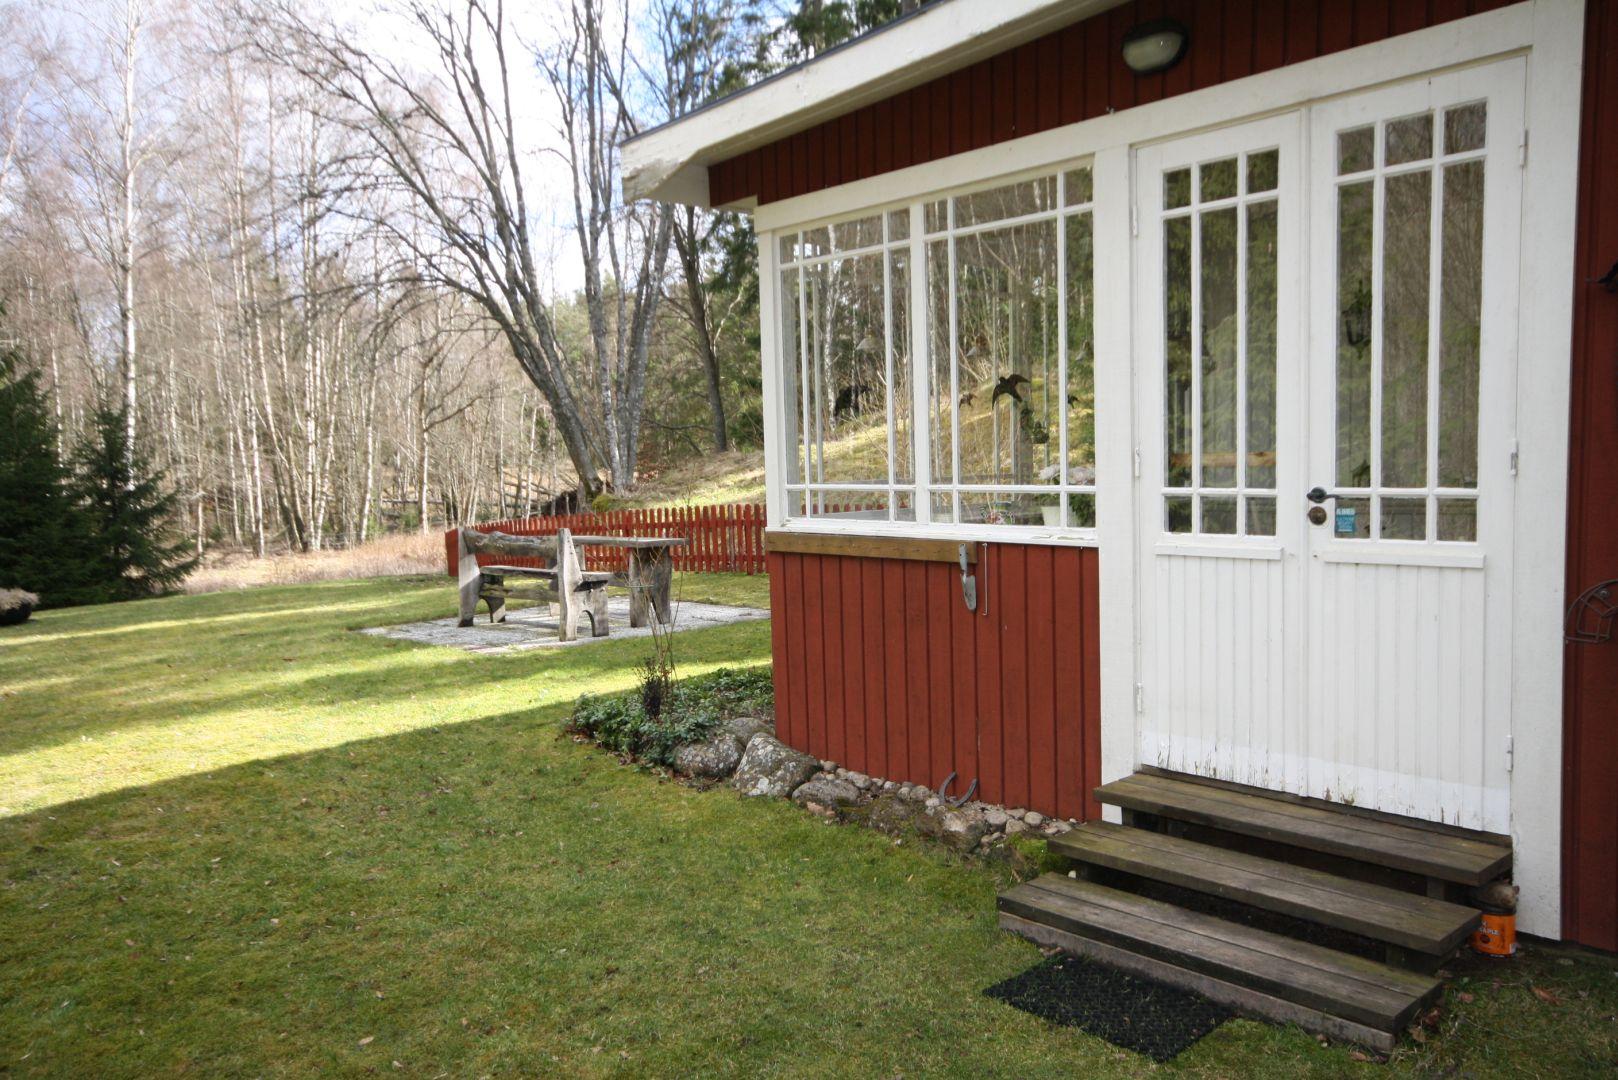 ferienhaus schweden kaufen unsere kaufangebote in schweden. Black Bedroom Furniture Sets. Home Design Ideas